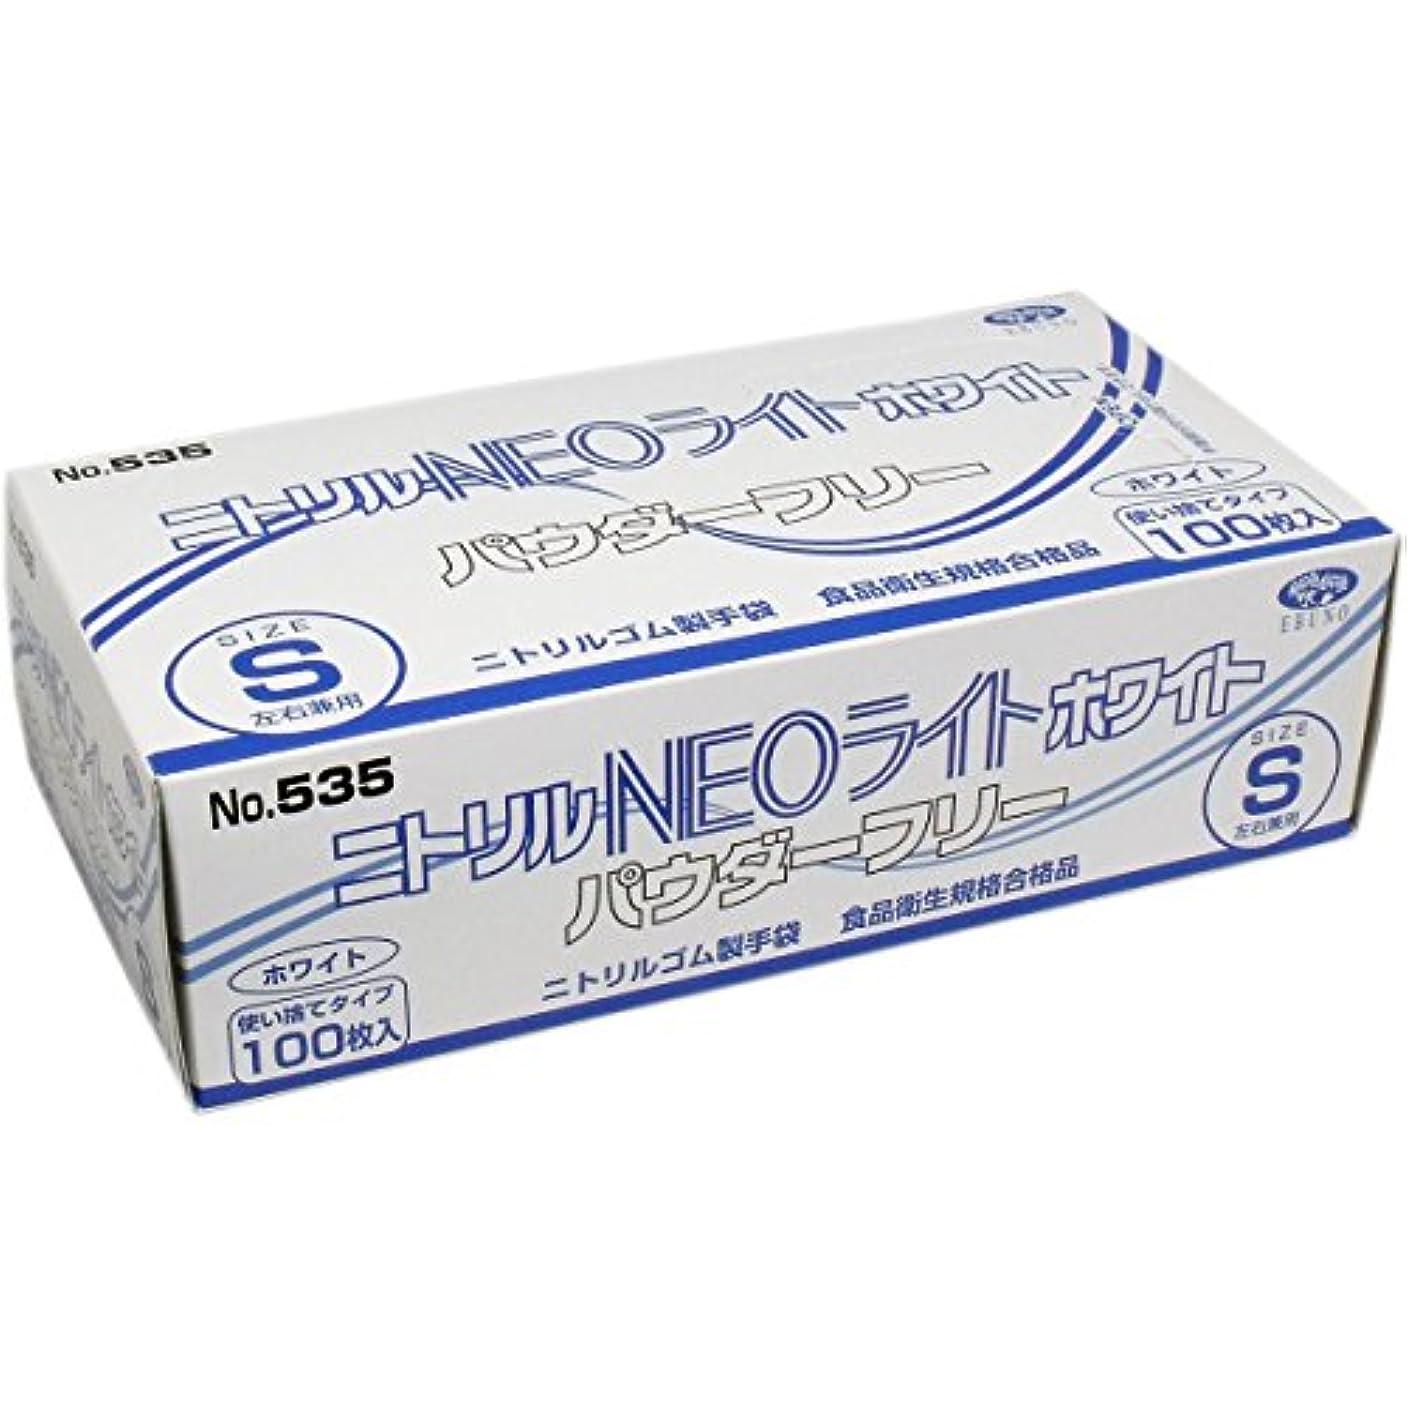 掘るお互い因子ニトリル手袋 NEOライト パウダーフリー ホワイト Sサイズ 100枚入×10個セット